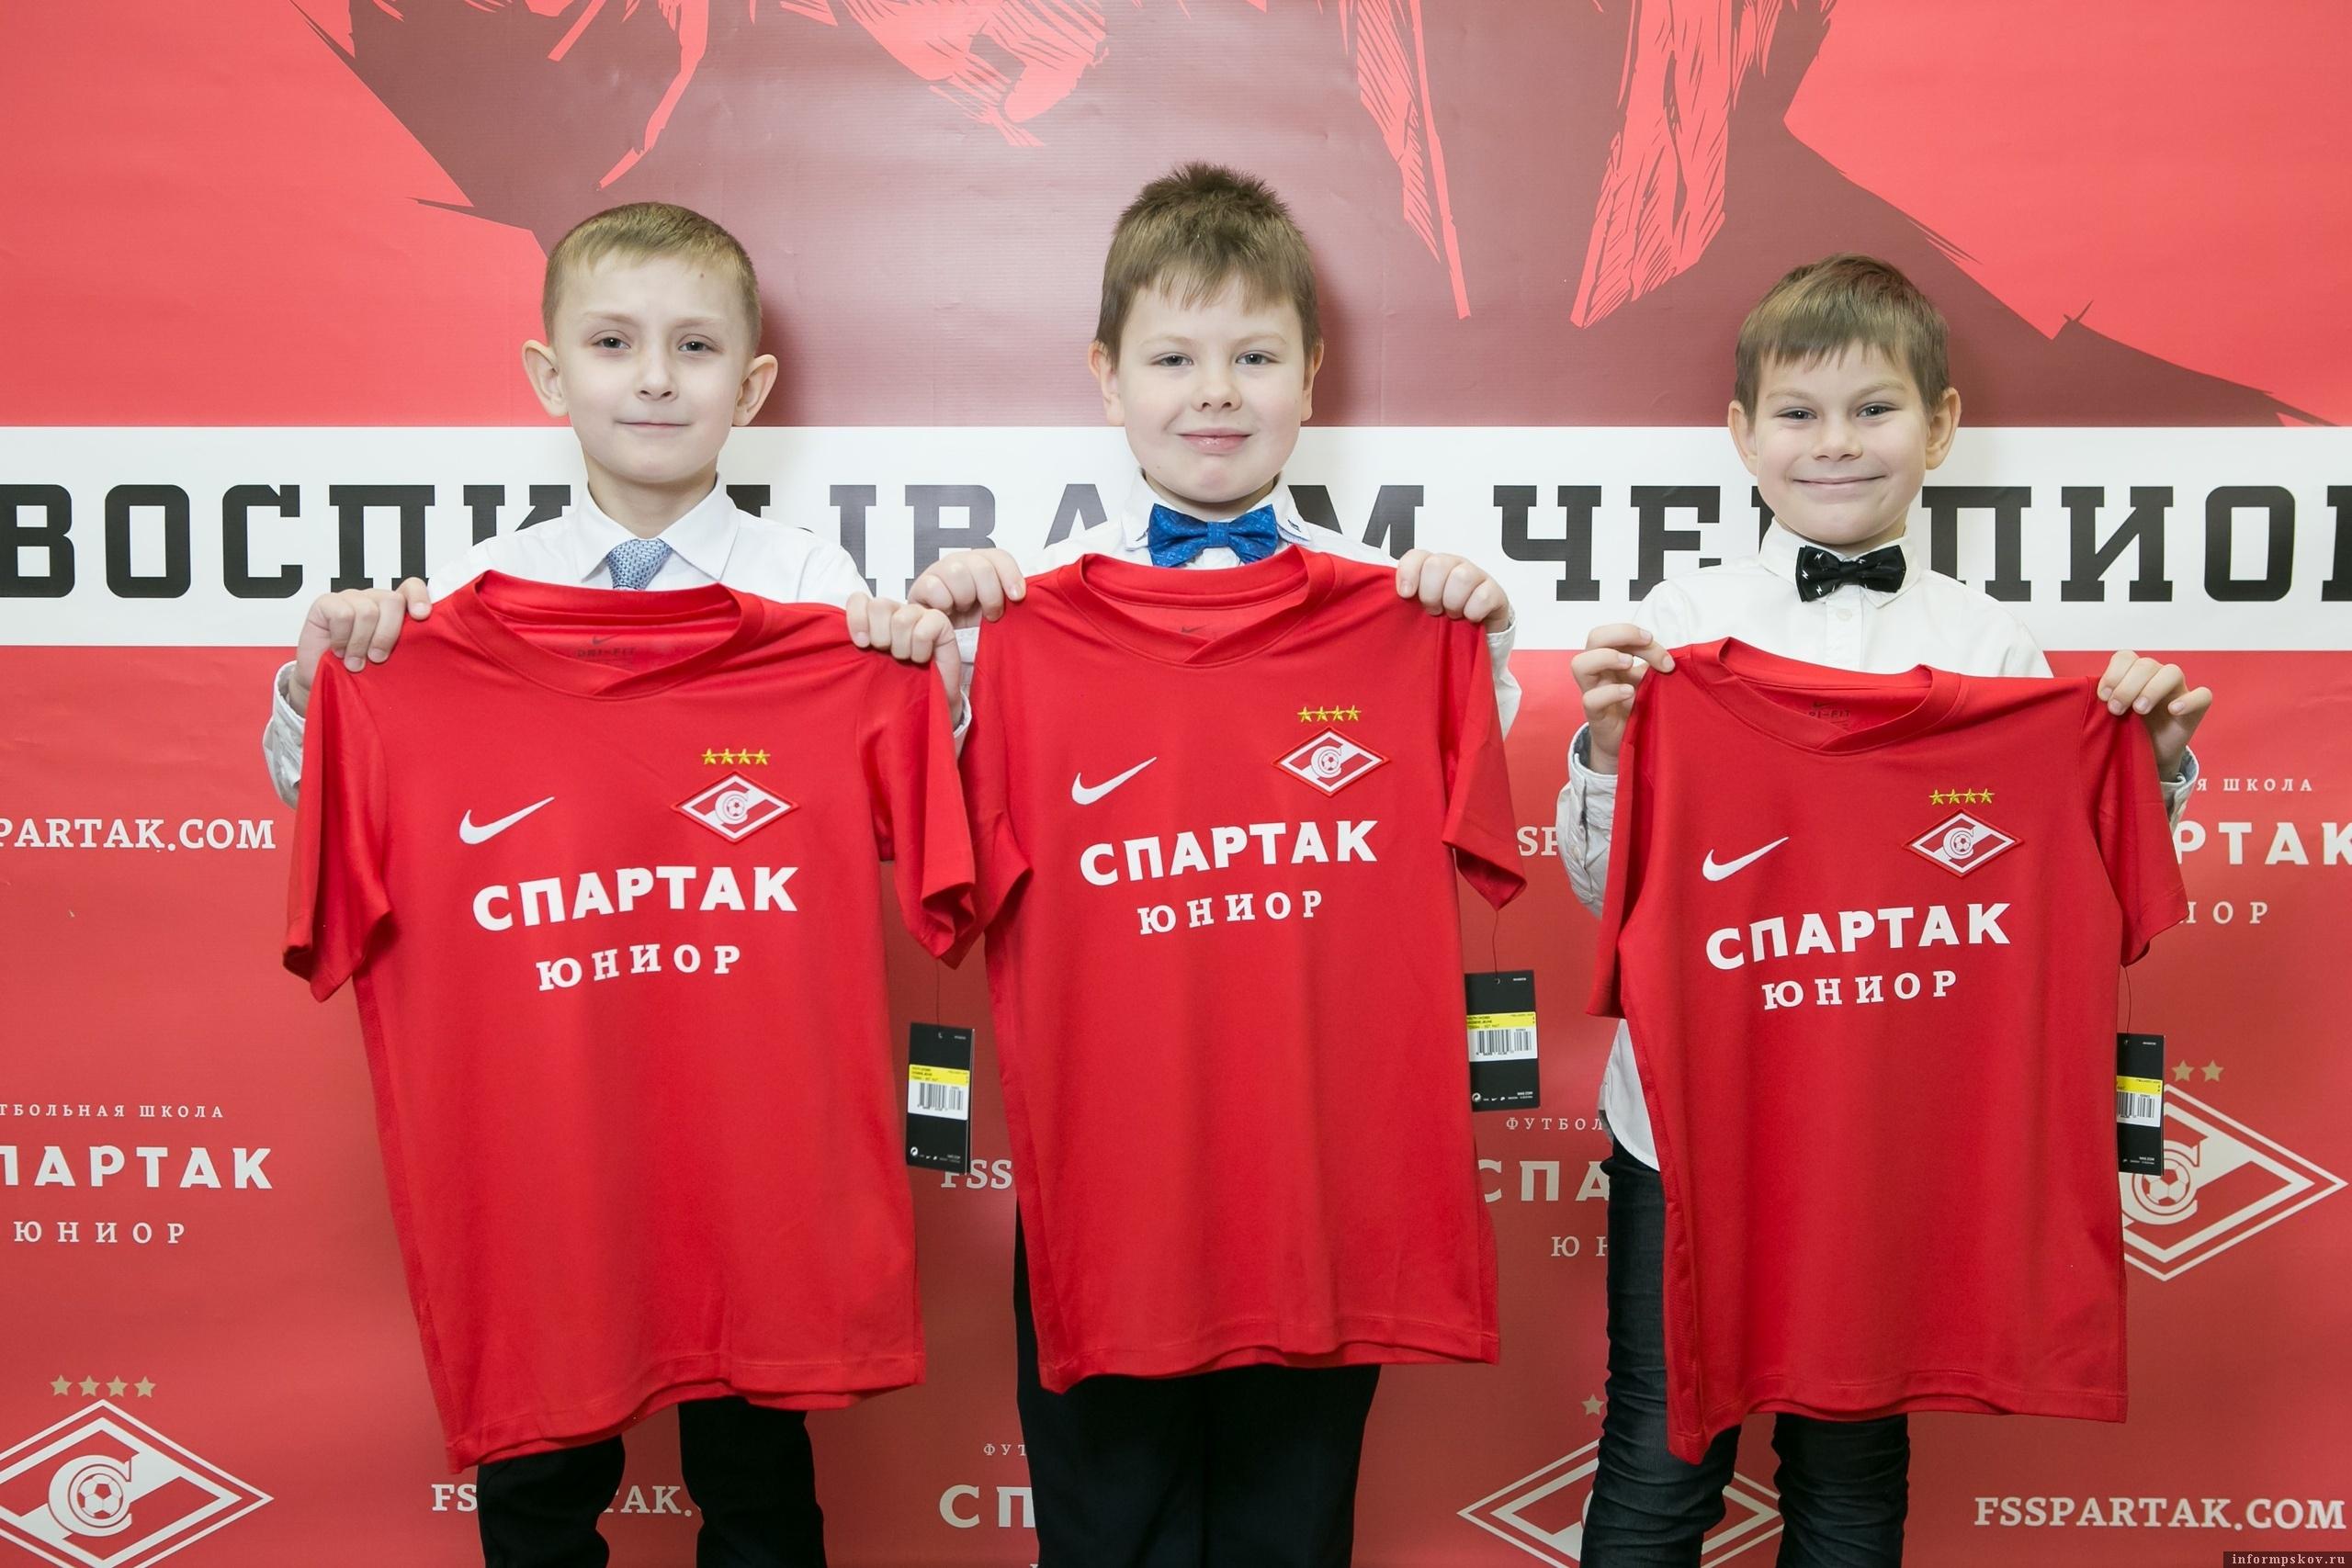 Фото из группы ВКонтакте «Юниор - Детская Футбольная Школа   Псков»